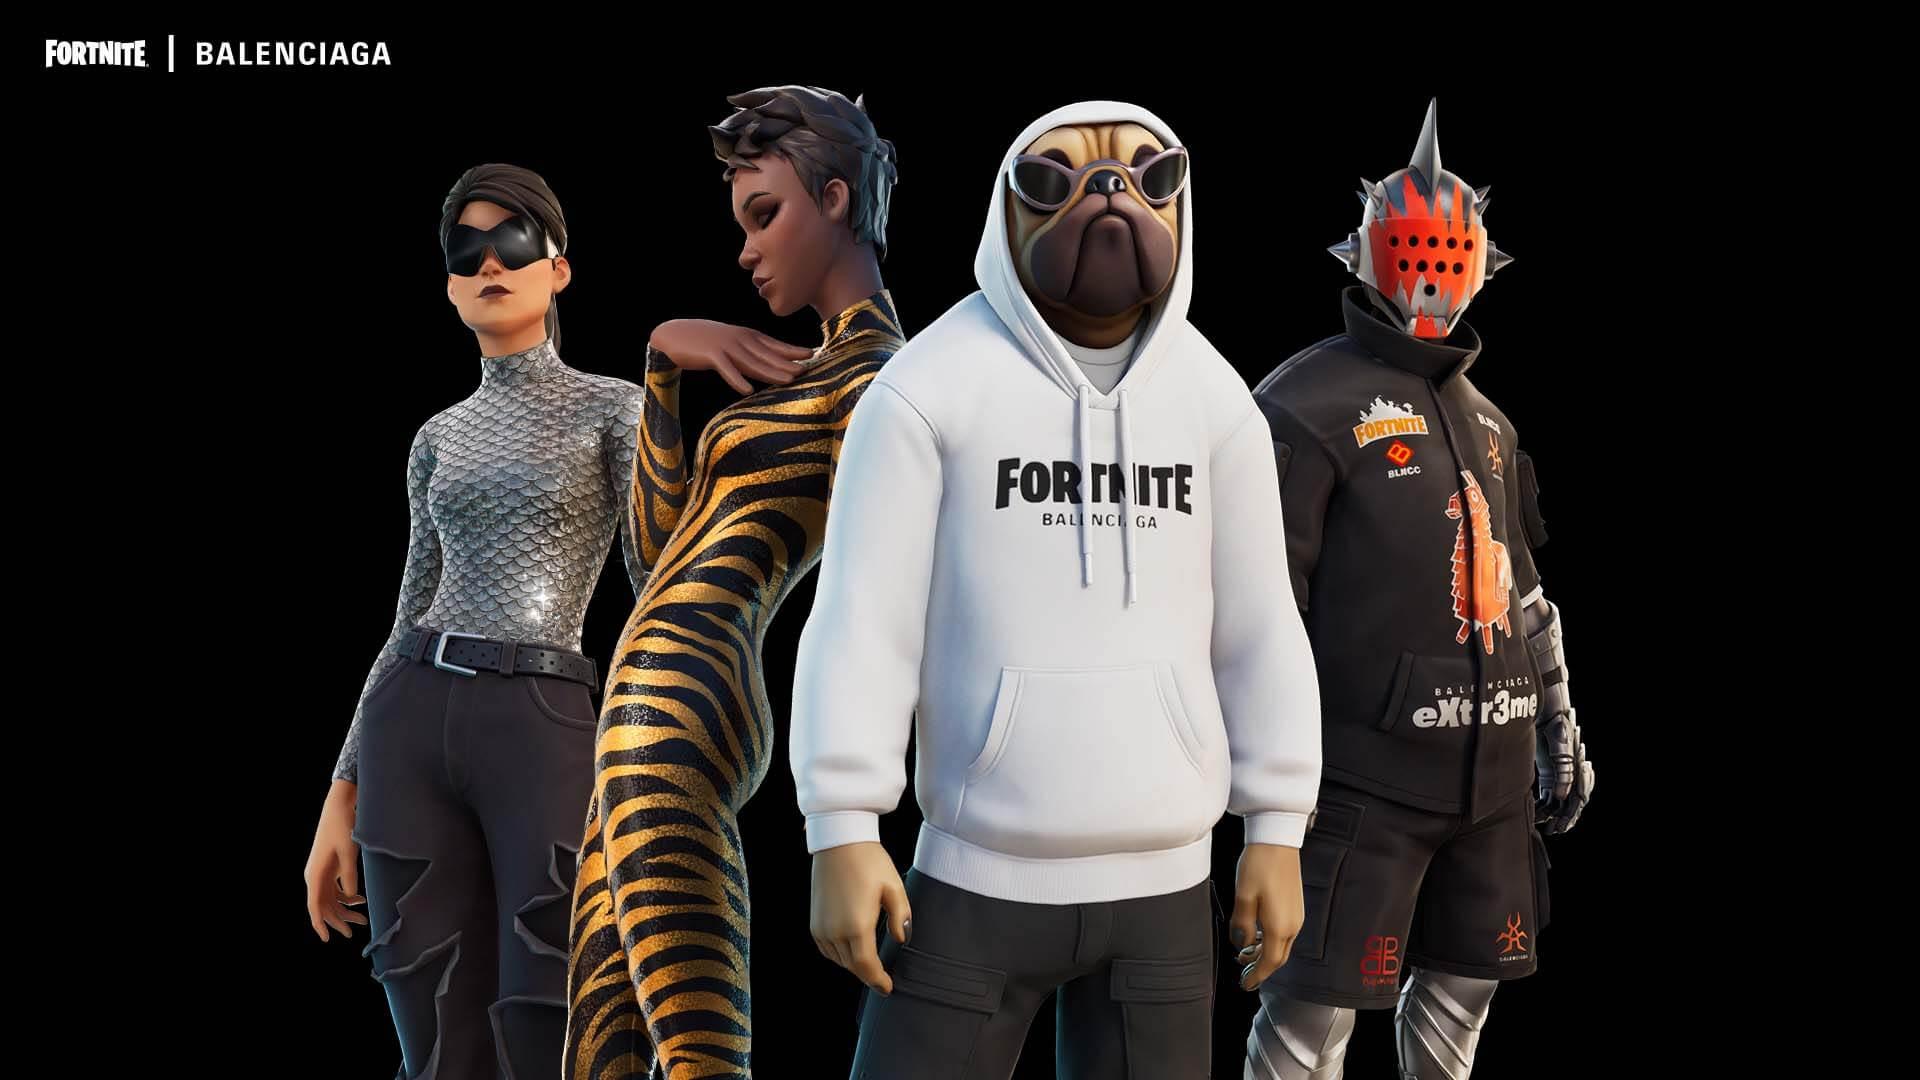 Balenciaga X FORTNITE, la primera colaboración de una marca de lujo con el videojuego